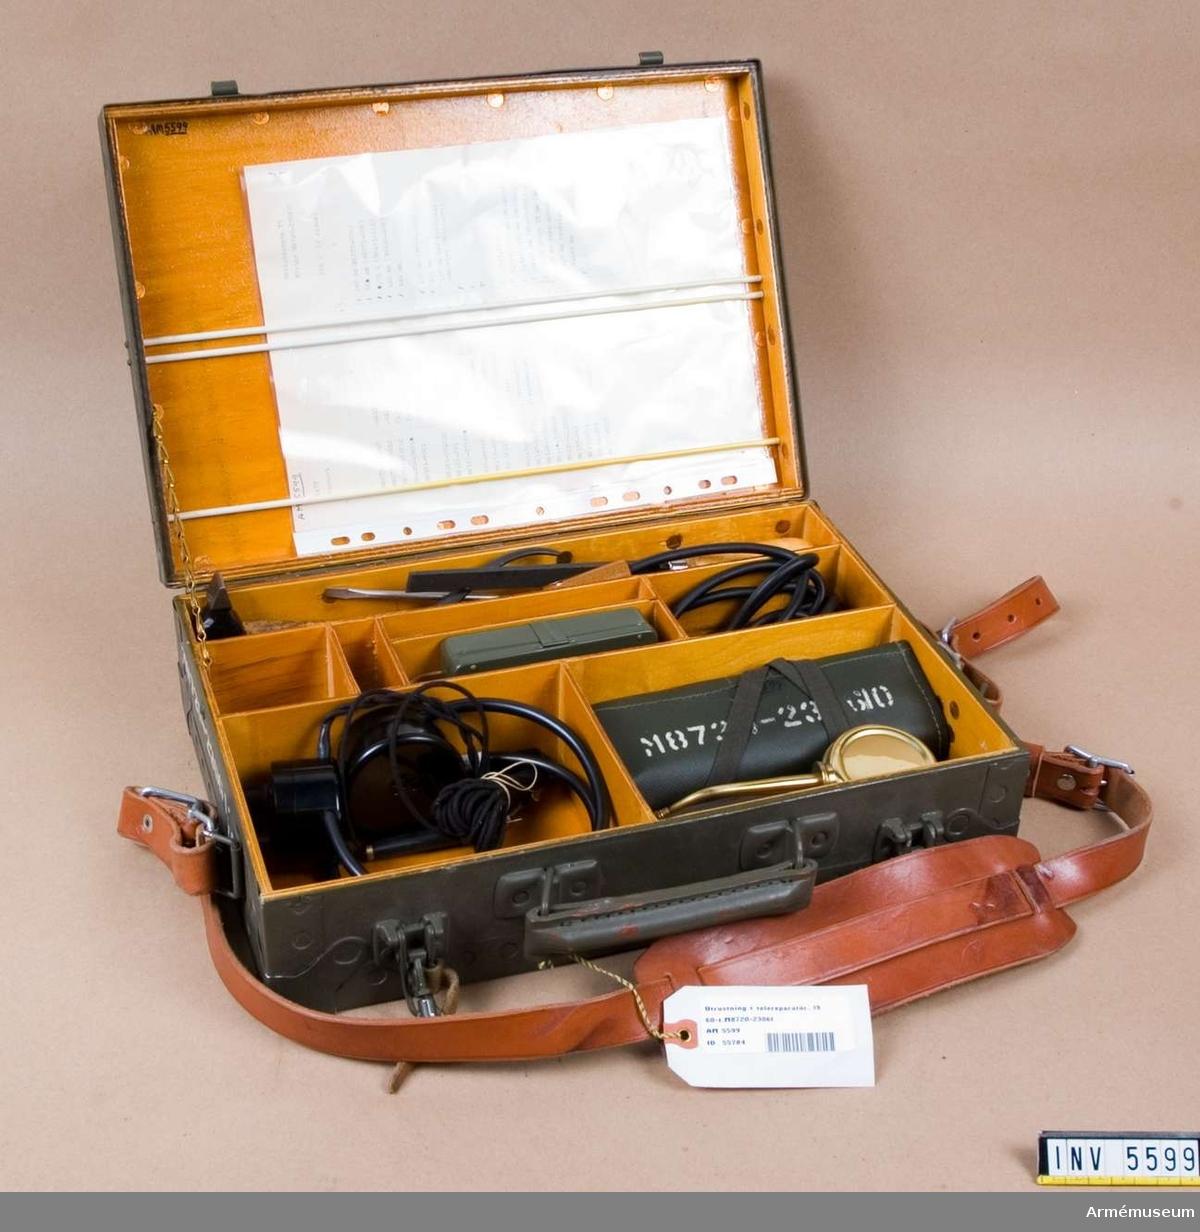 Består av: 1 väska av trä m bärrem av läder, 1 st satskort, 1 fil, ansatsfil, 1 ficklampa JEAB Tc 87095, 1 hammare, 1 hörtelefon Ericsson Tc 25202, 1 slidkniv, 1 lödpenna Adcola-Cadet England, 1 lödspets, 1 skruvmejsel, 1 nålfilsetui (Öberg), 9 nålfilar, 1 oljekanna, 1 pensel, 1 trådskrapa, 1 flacktång, 1 nåltång, 1 verktygsbindel (väv-galon), 1 fjäderbockare, 5 krokodilklämmor, 3 skruvmejslar, 1 vinkelskruvmejsel, 1 skiftnyckel, 2 pincetter, 1 polerstål, 1 spetskrok.